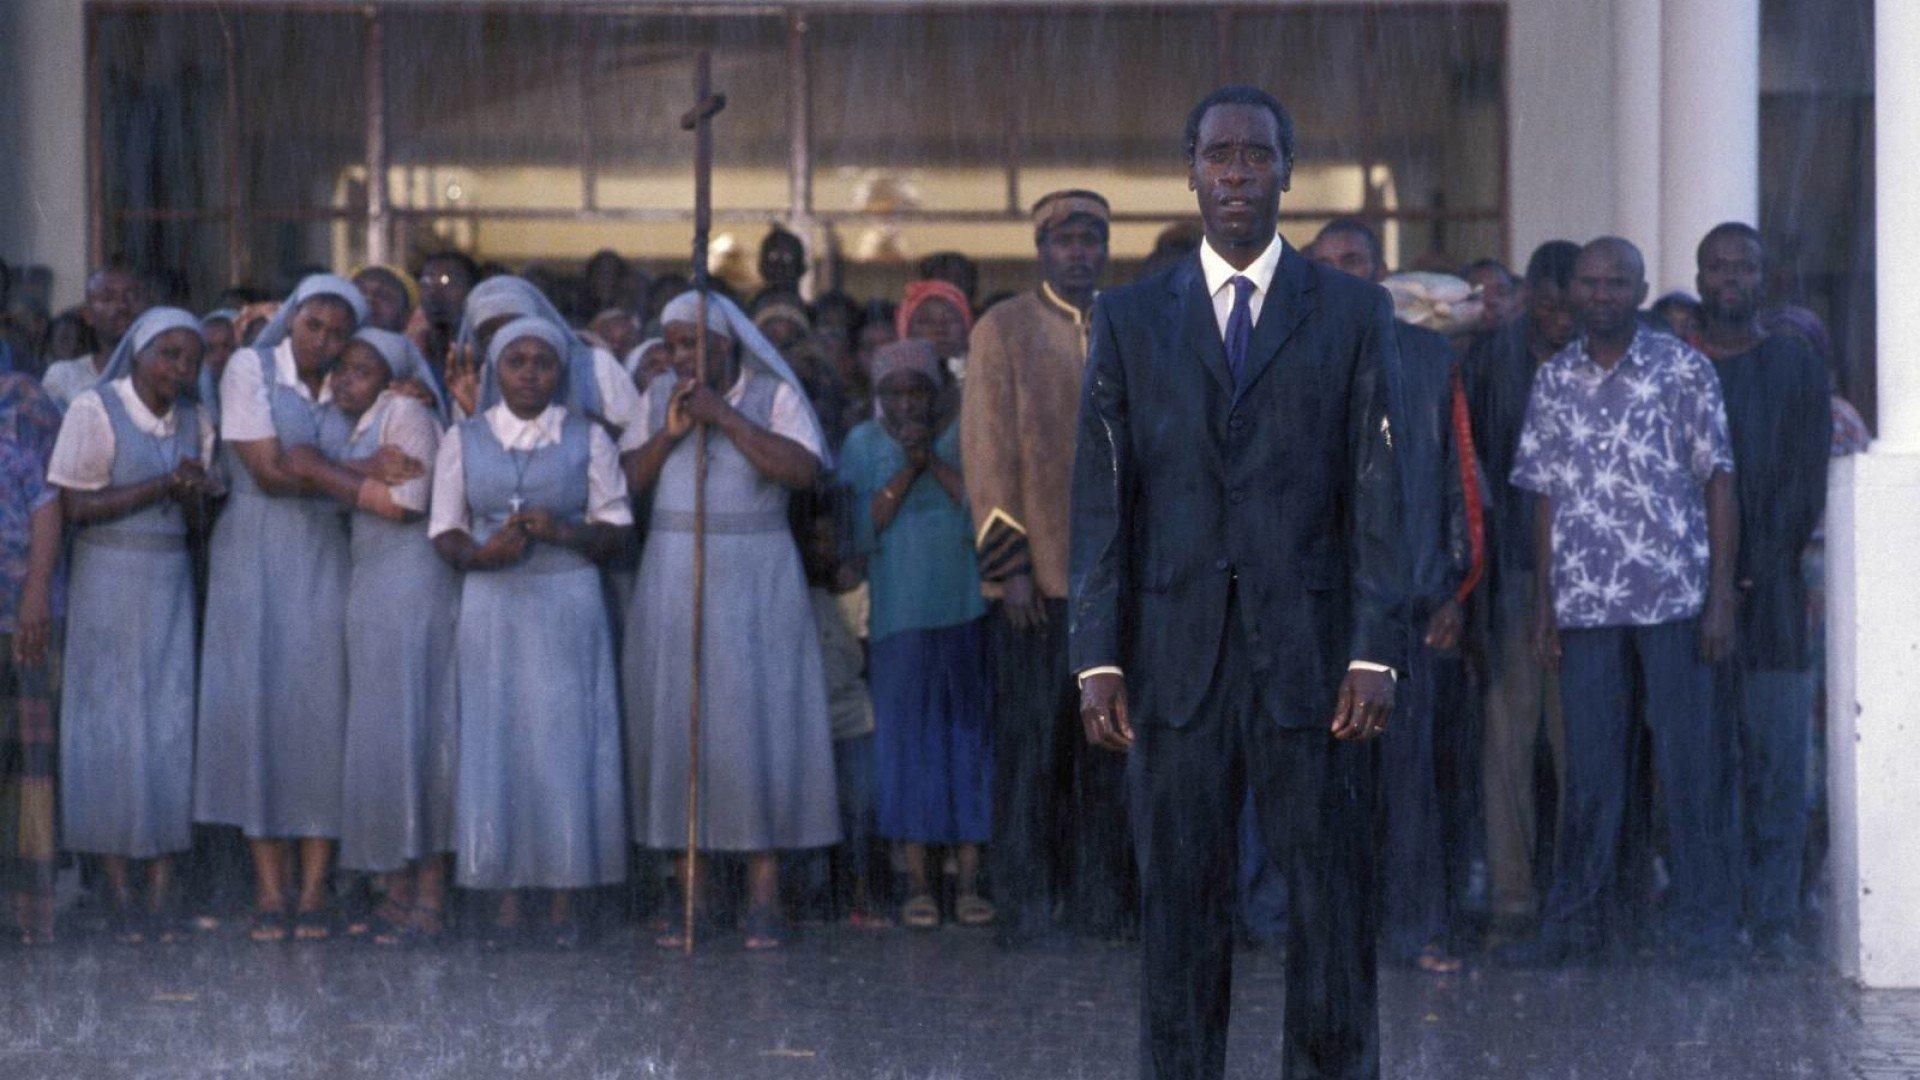 filmy historyczne: hotel rwanda